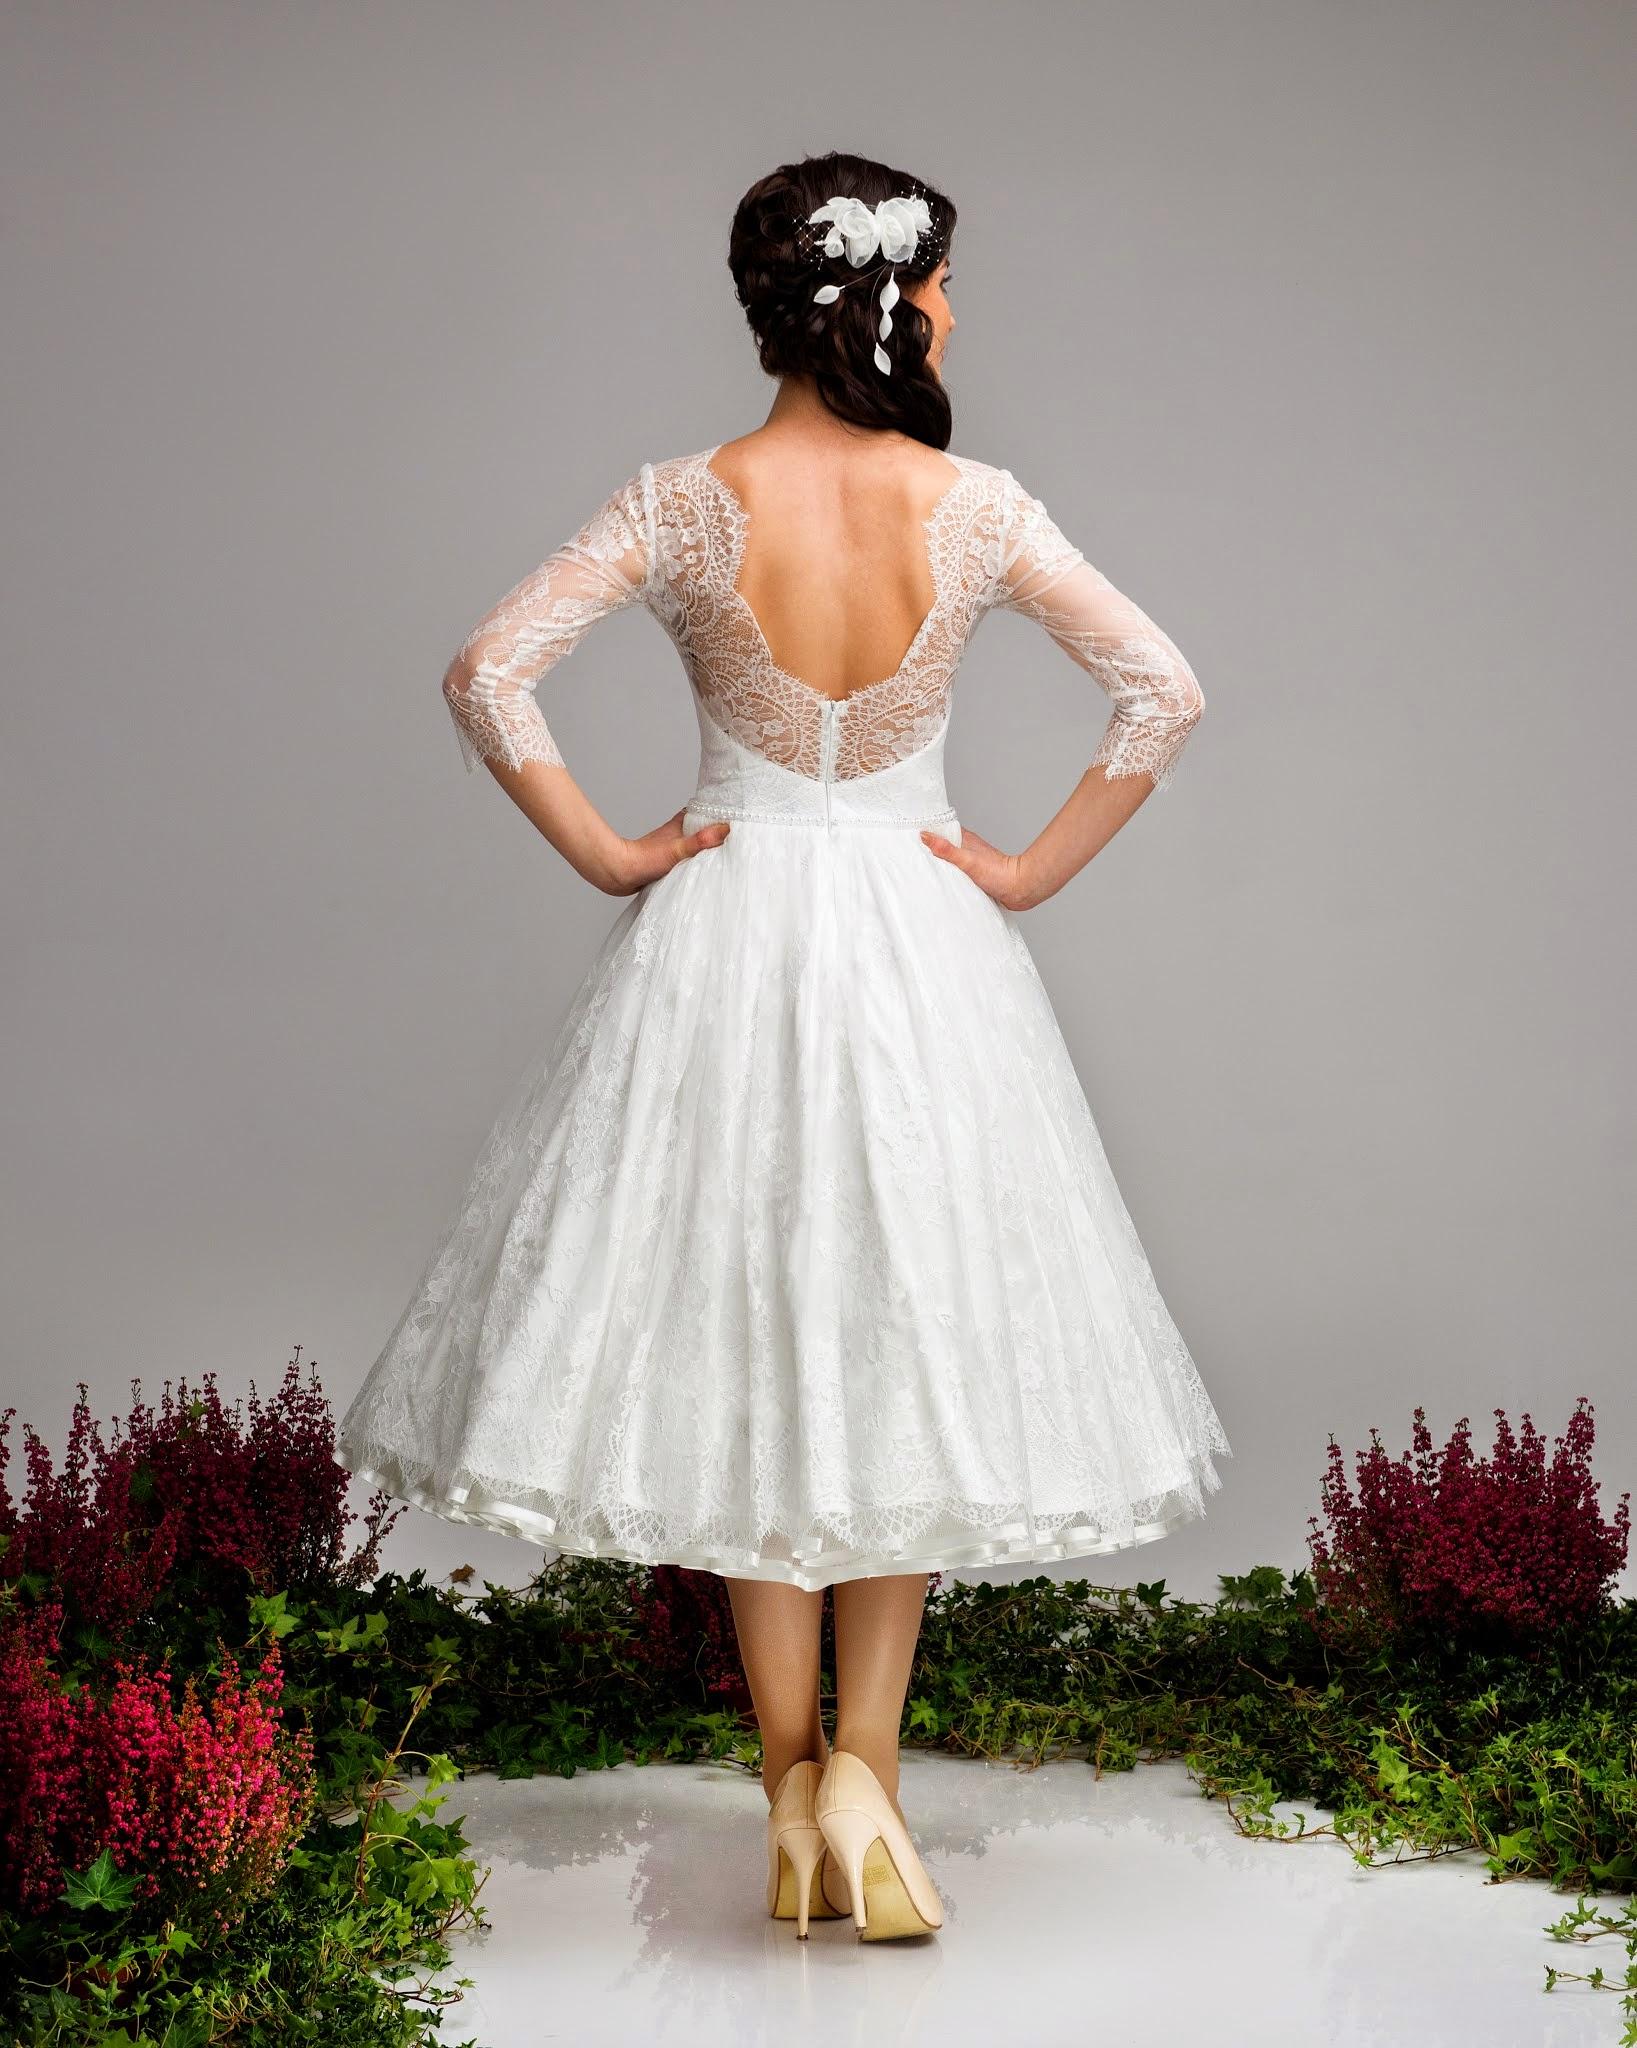 Kurzes Spitzen-Brautkleid Hochzeitskleid Cindy 20-er Stil